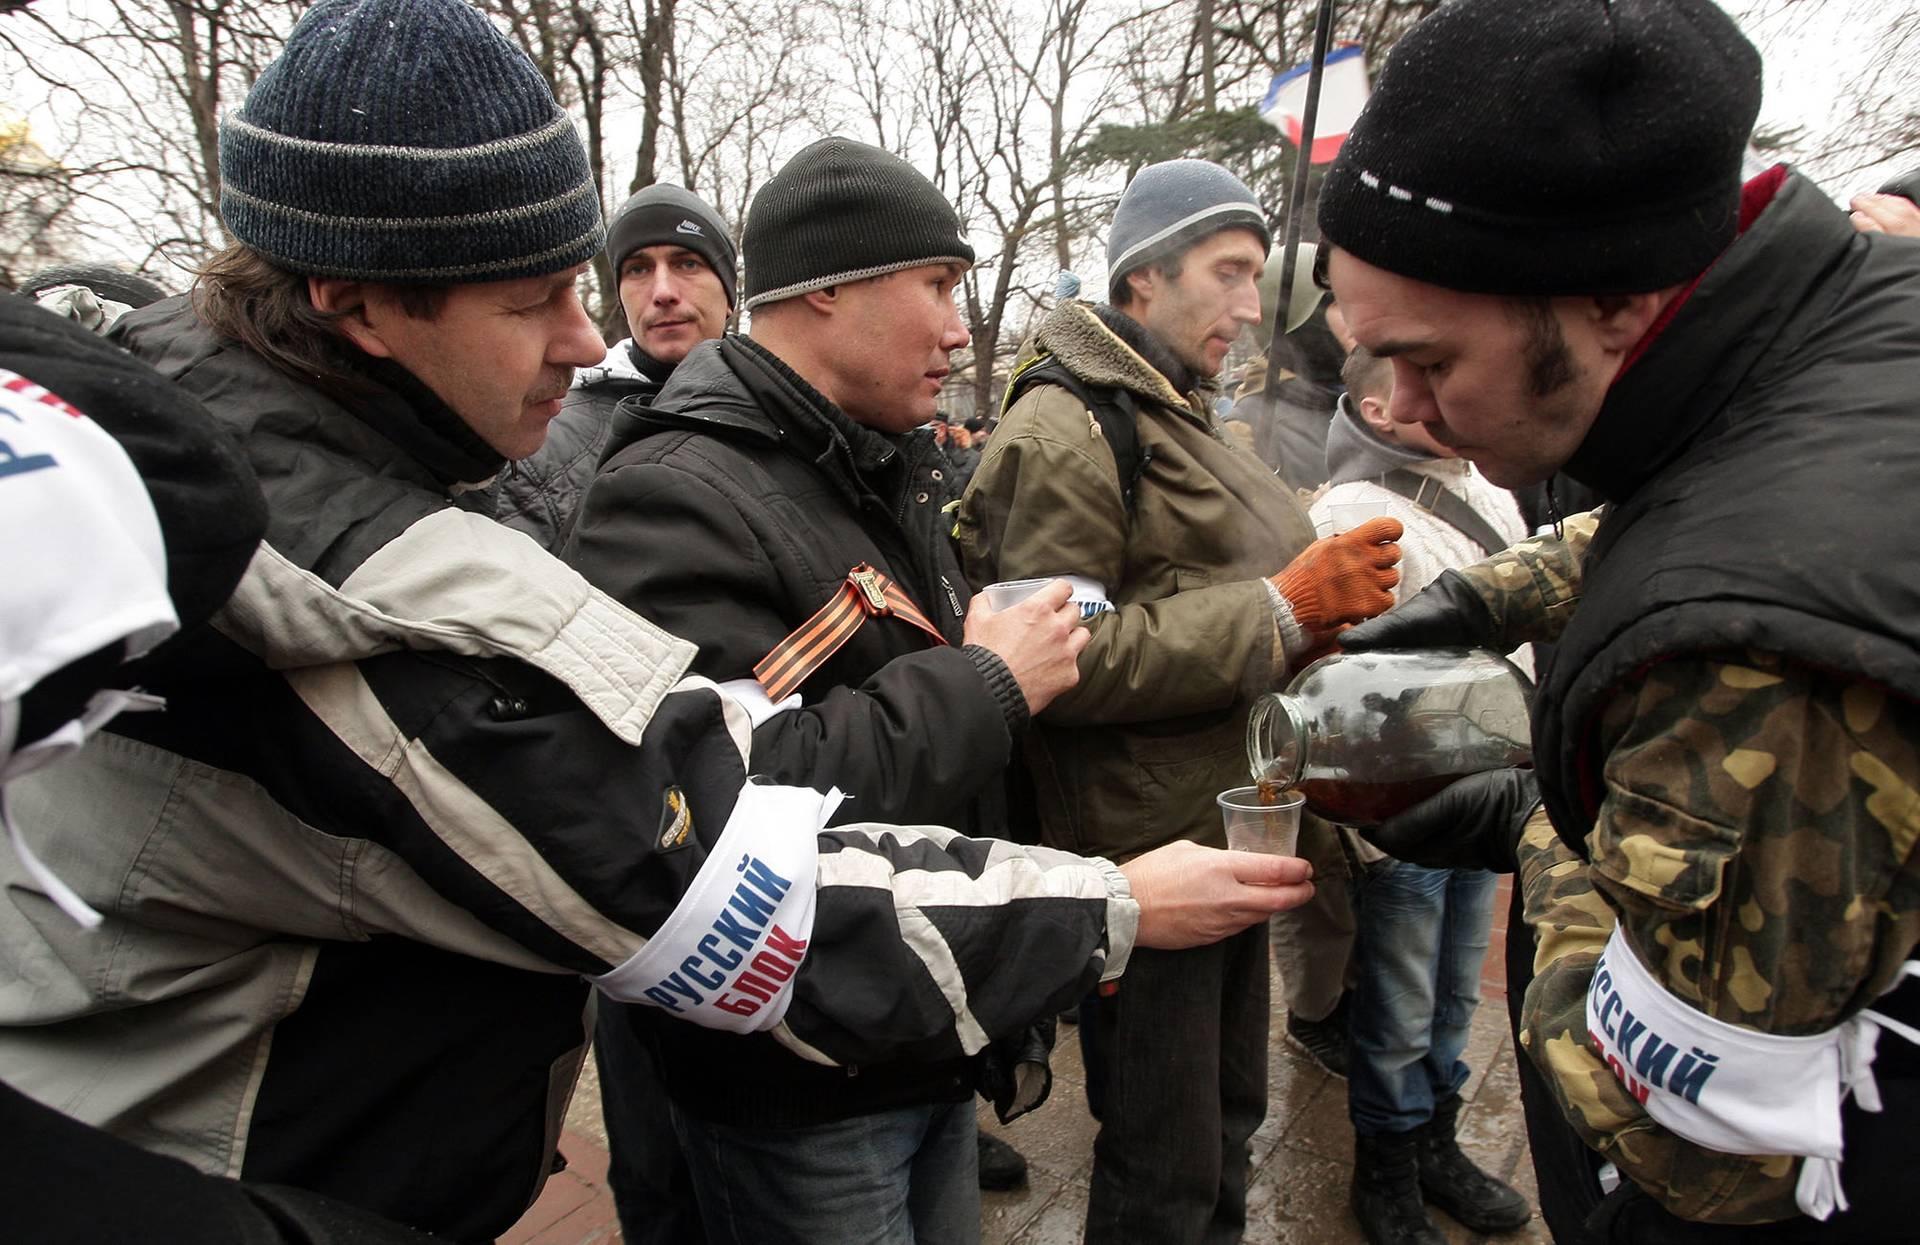 Члени проросійської так званої «самооборони» збираються біля будівель Верховної Ради та Уряду Криму в Сімферополі, Крим, 27 лютого 2014 року